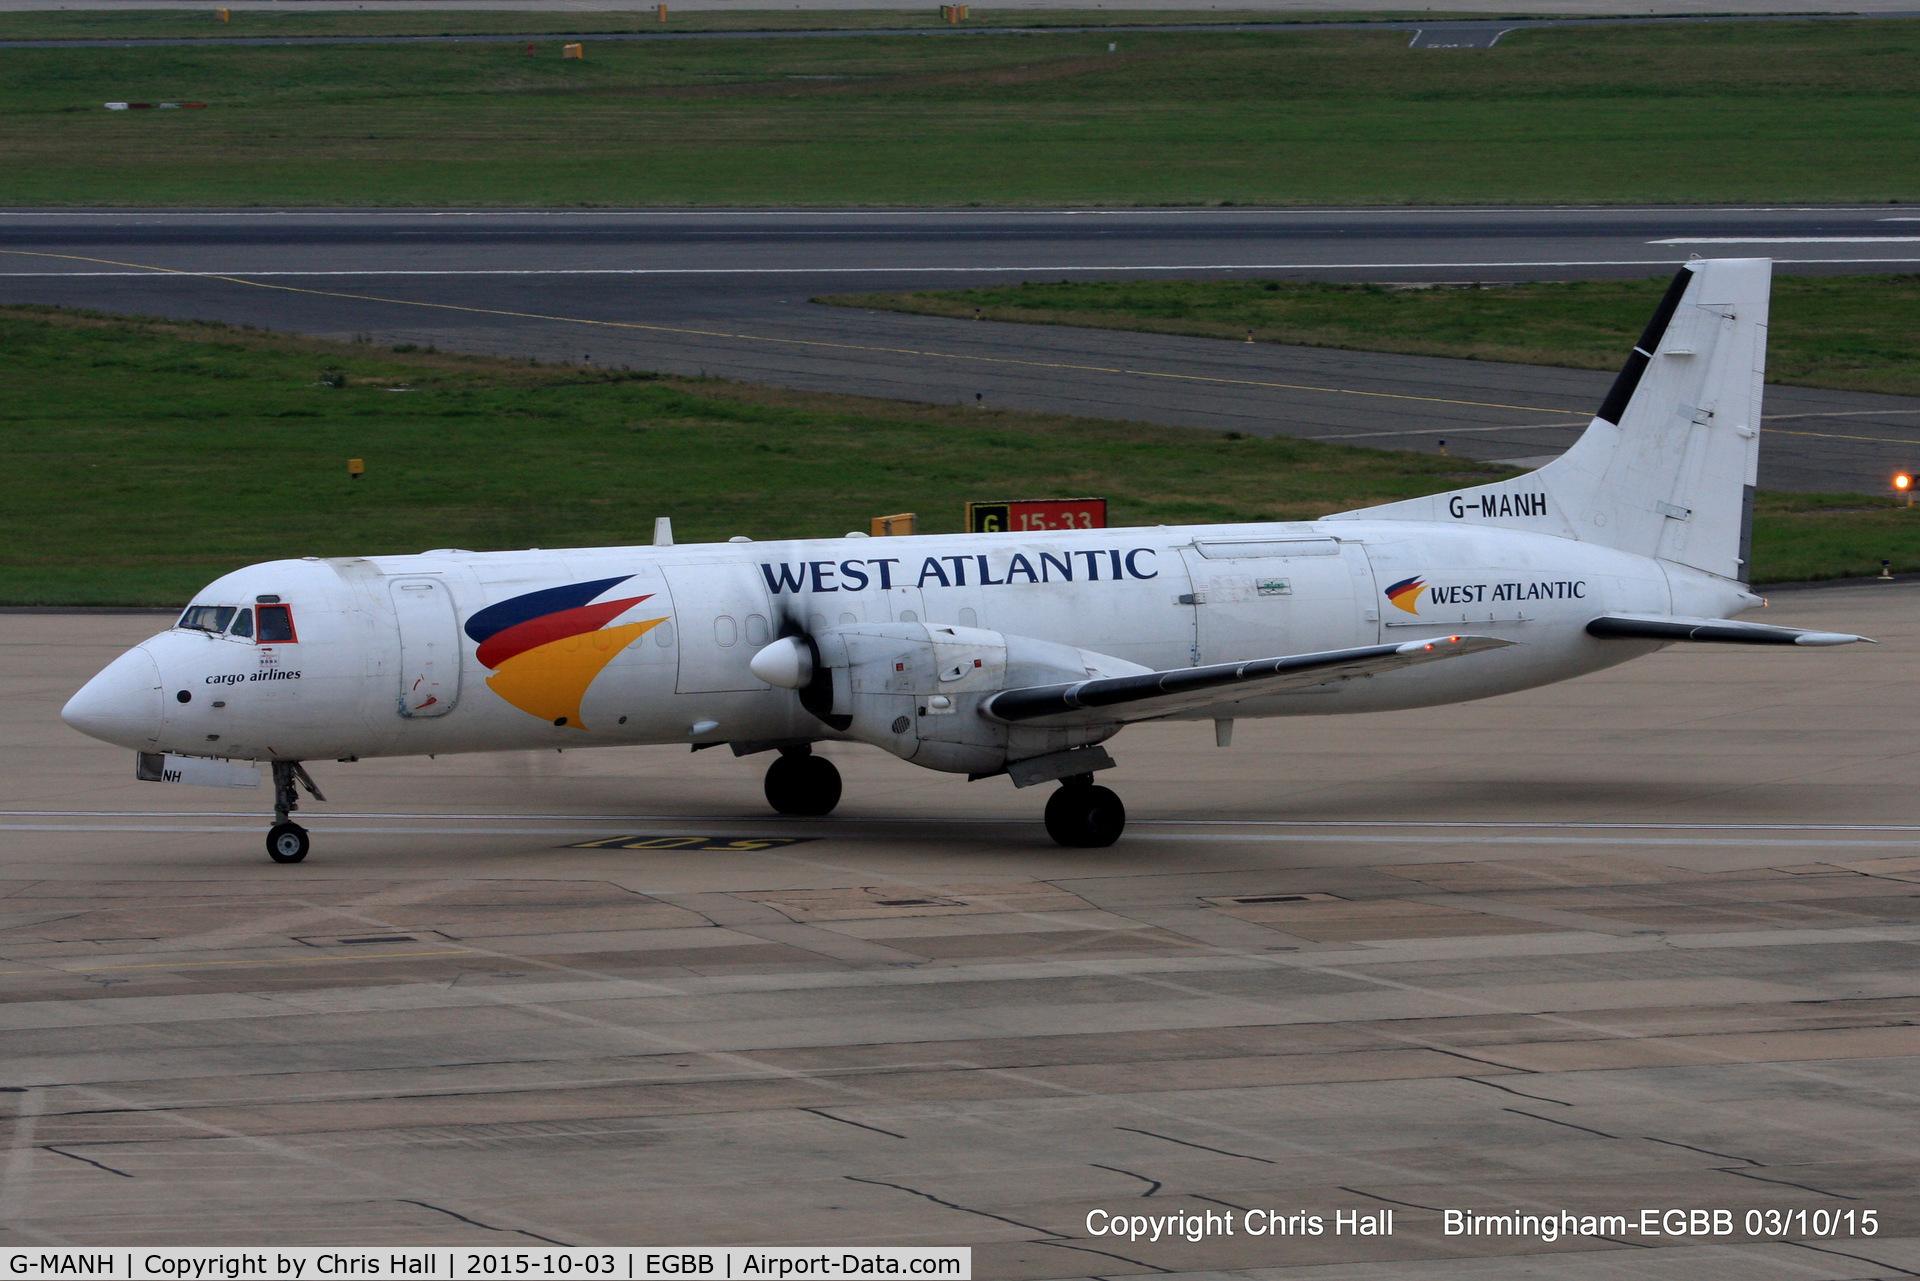 G-MANH, 1989 British Aerospace ATP C/N 2017, West Atlantic Airlines